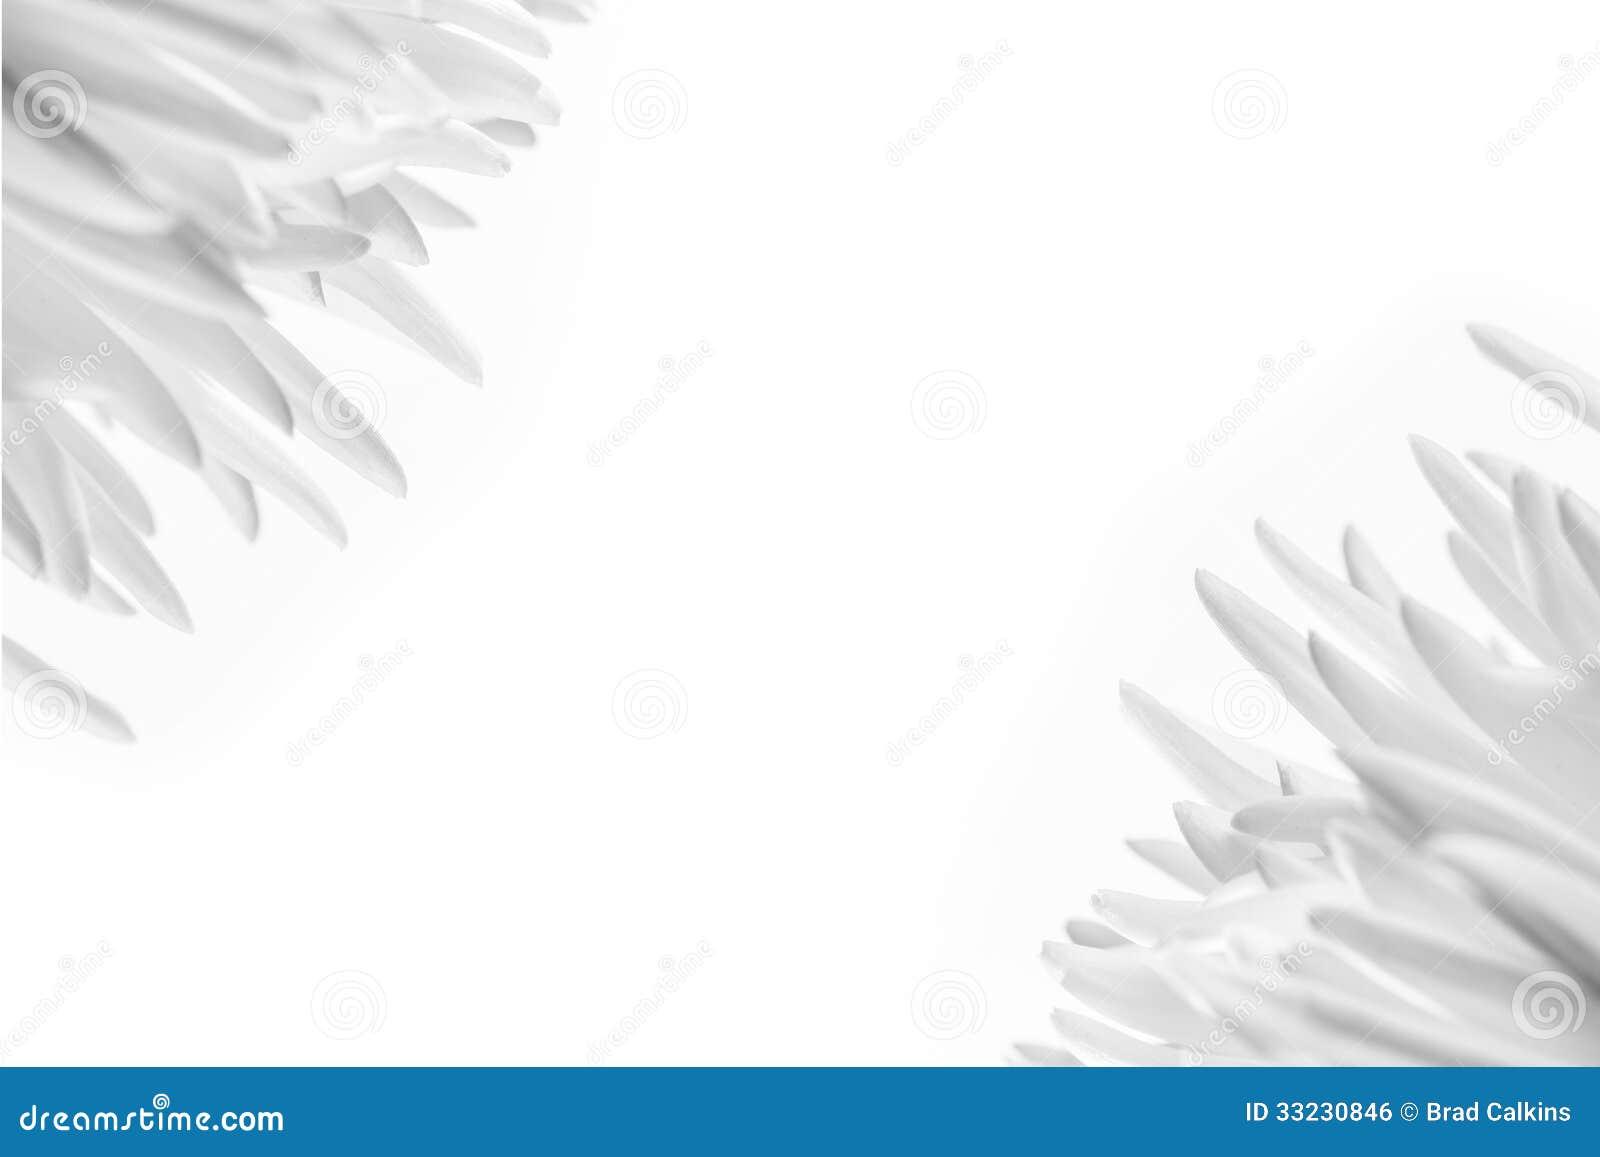 White flower background stock photo image of beauty 33230846 white flower background mightylinksfo Images